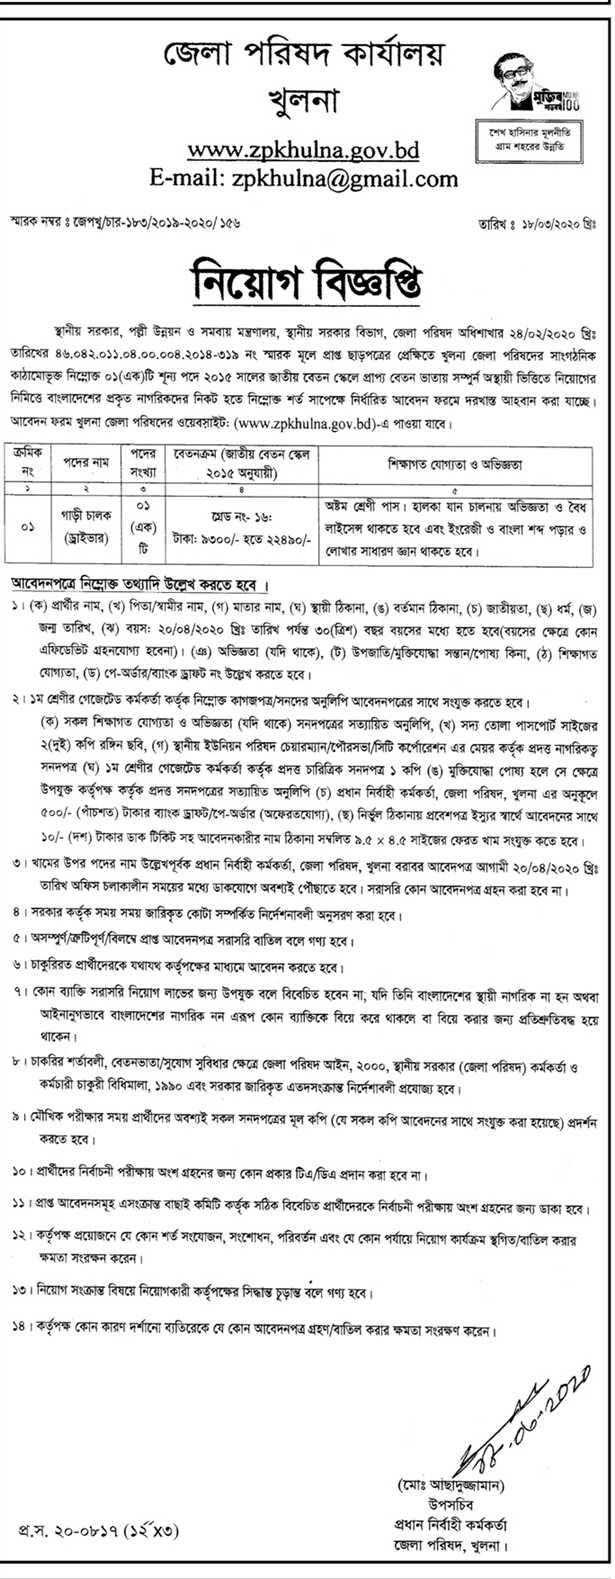 Khulna District Council Job Circular 2020